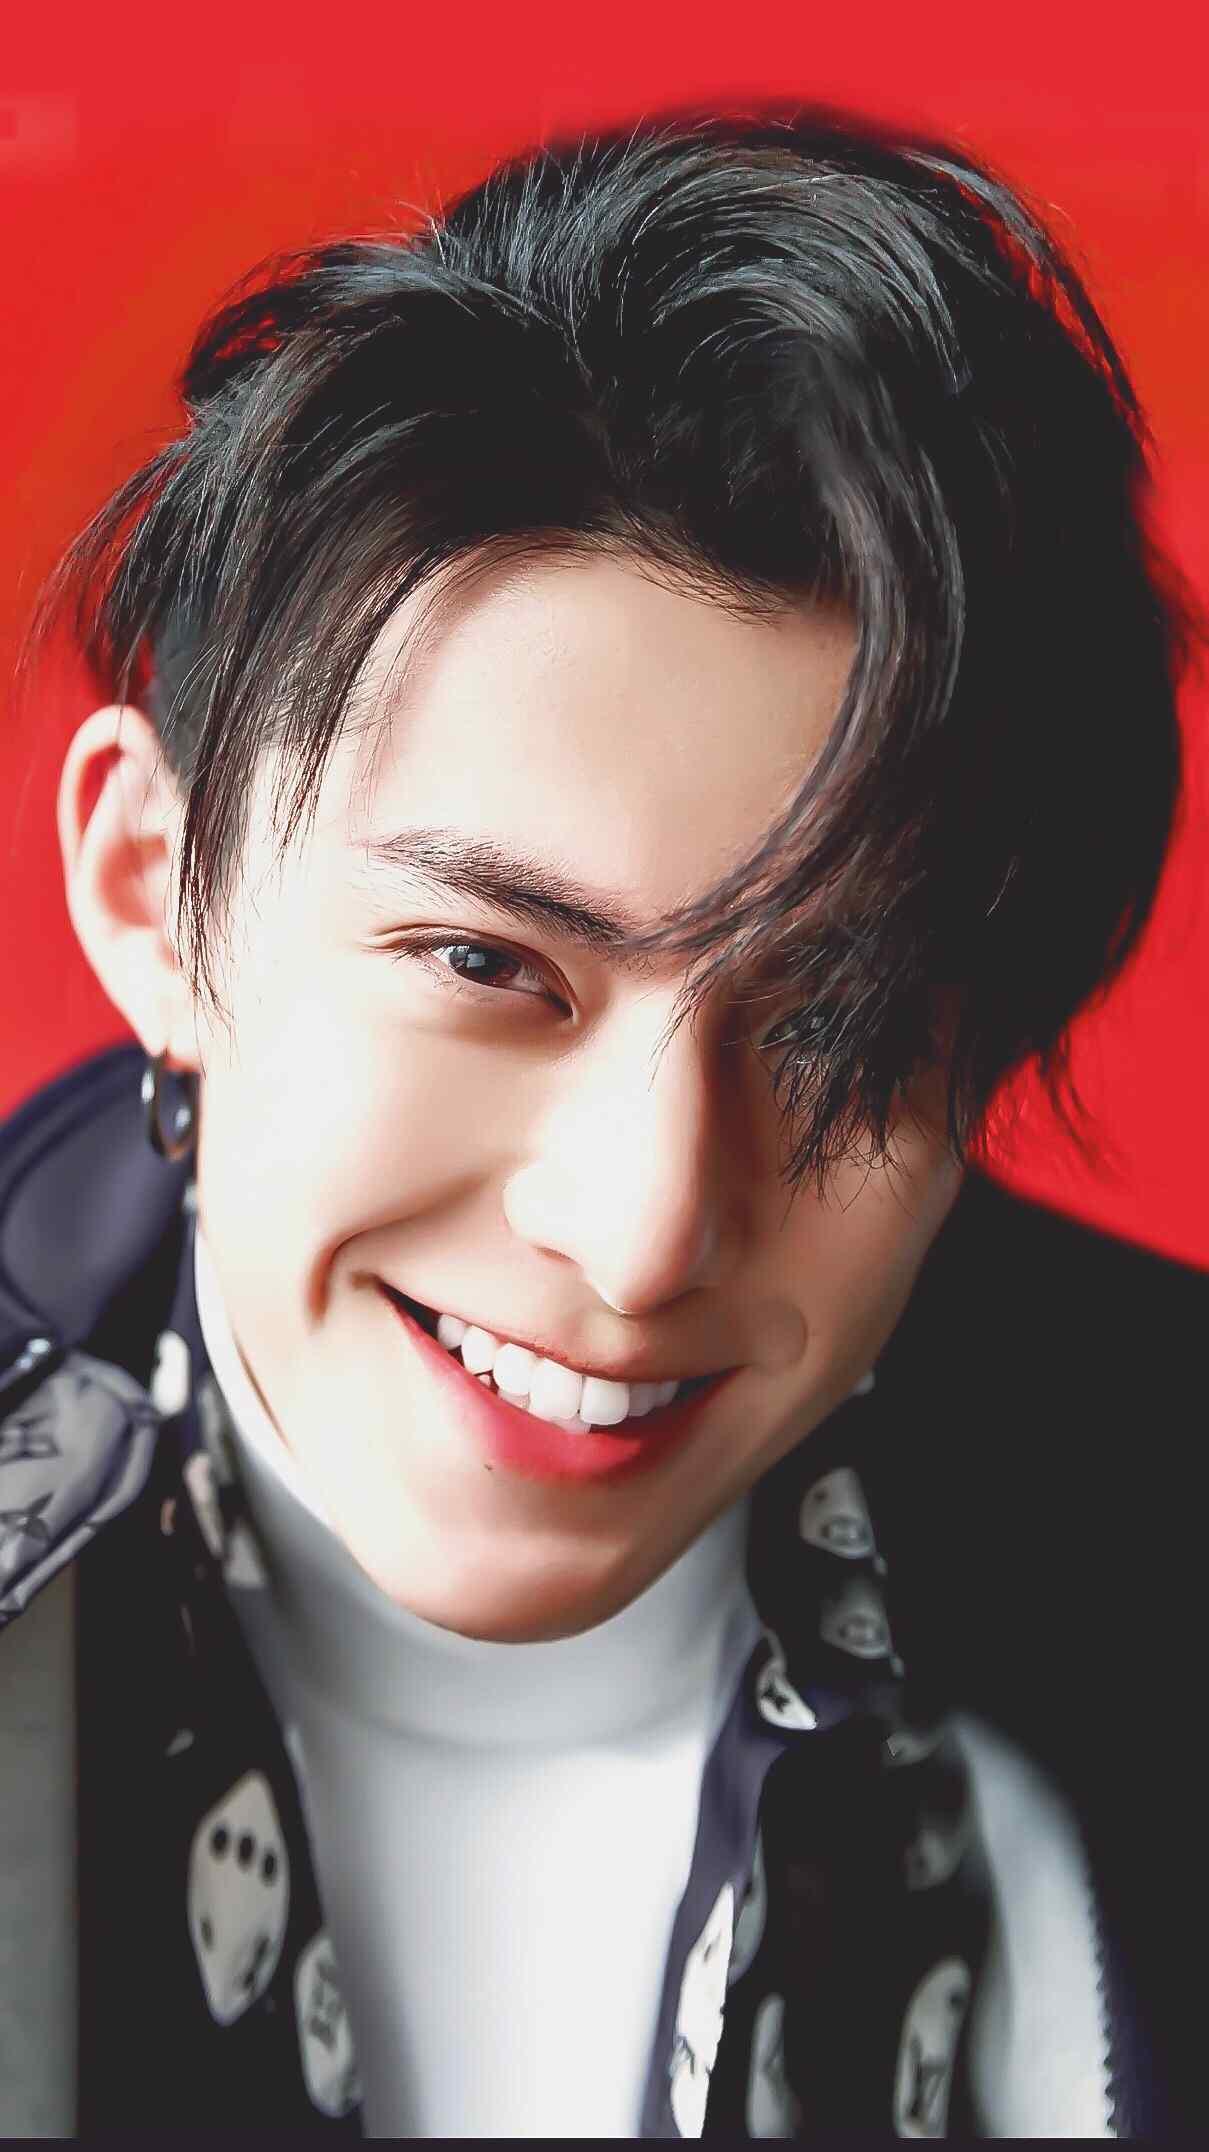 王鹤棣帅气笑容无水印高清壁纸